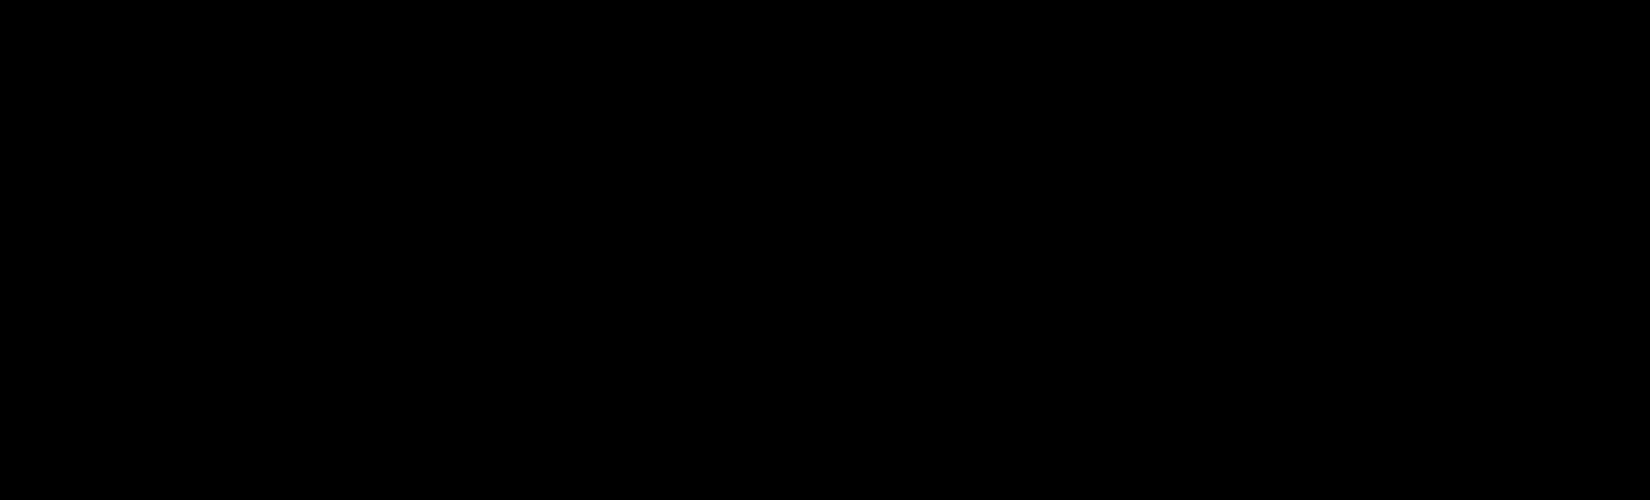 Apica-logo-black